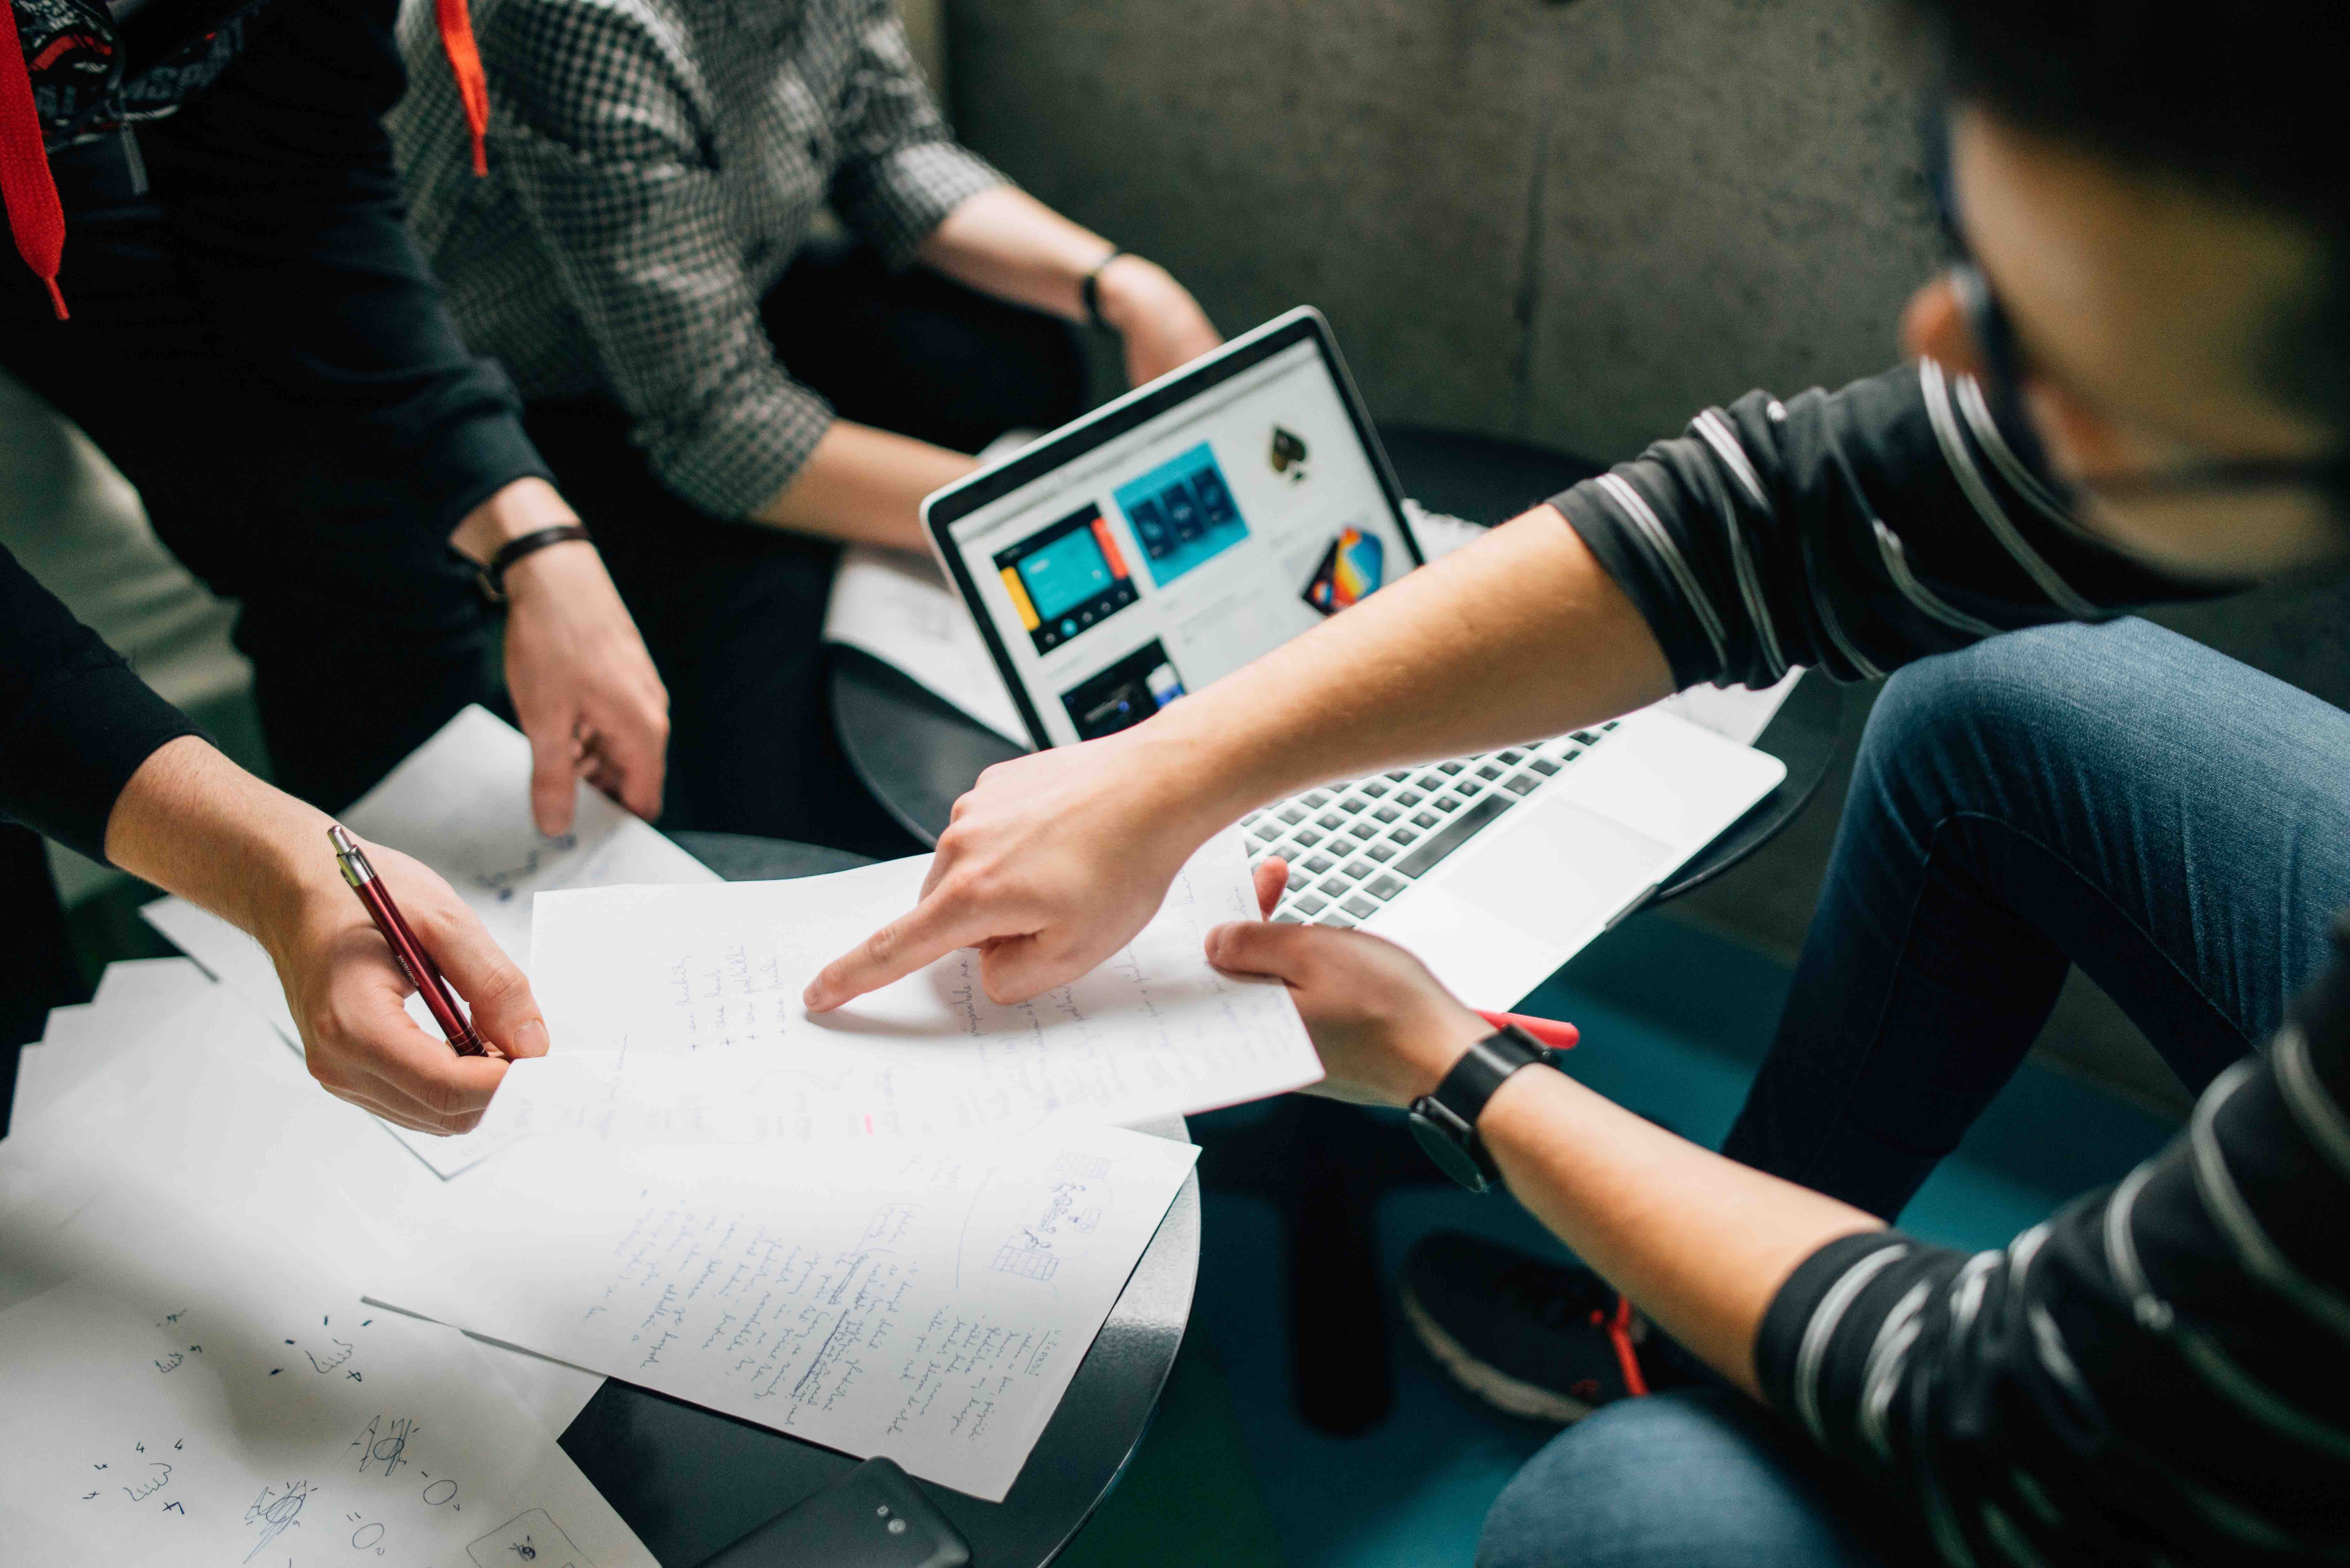 IT Training & Solutions Business - Returning $200k+ Per Annum